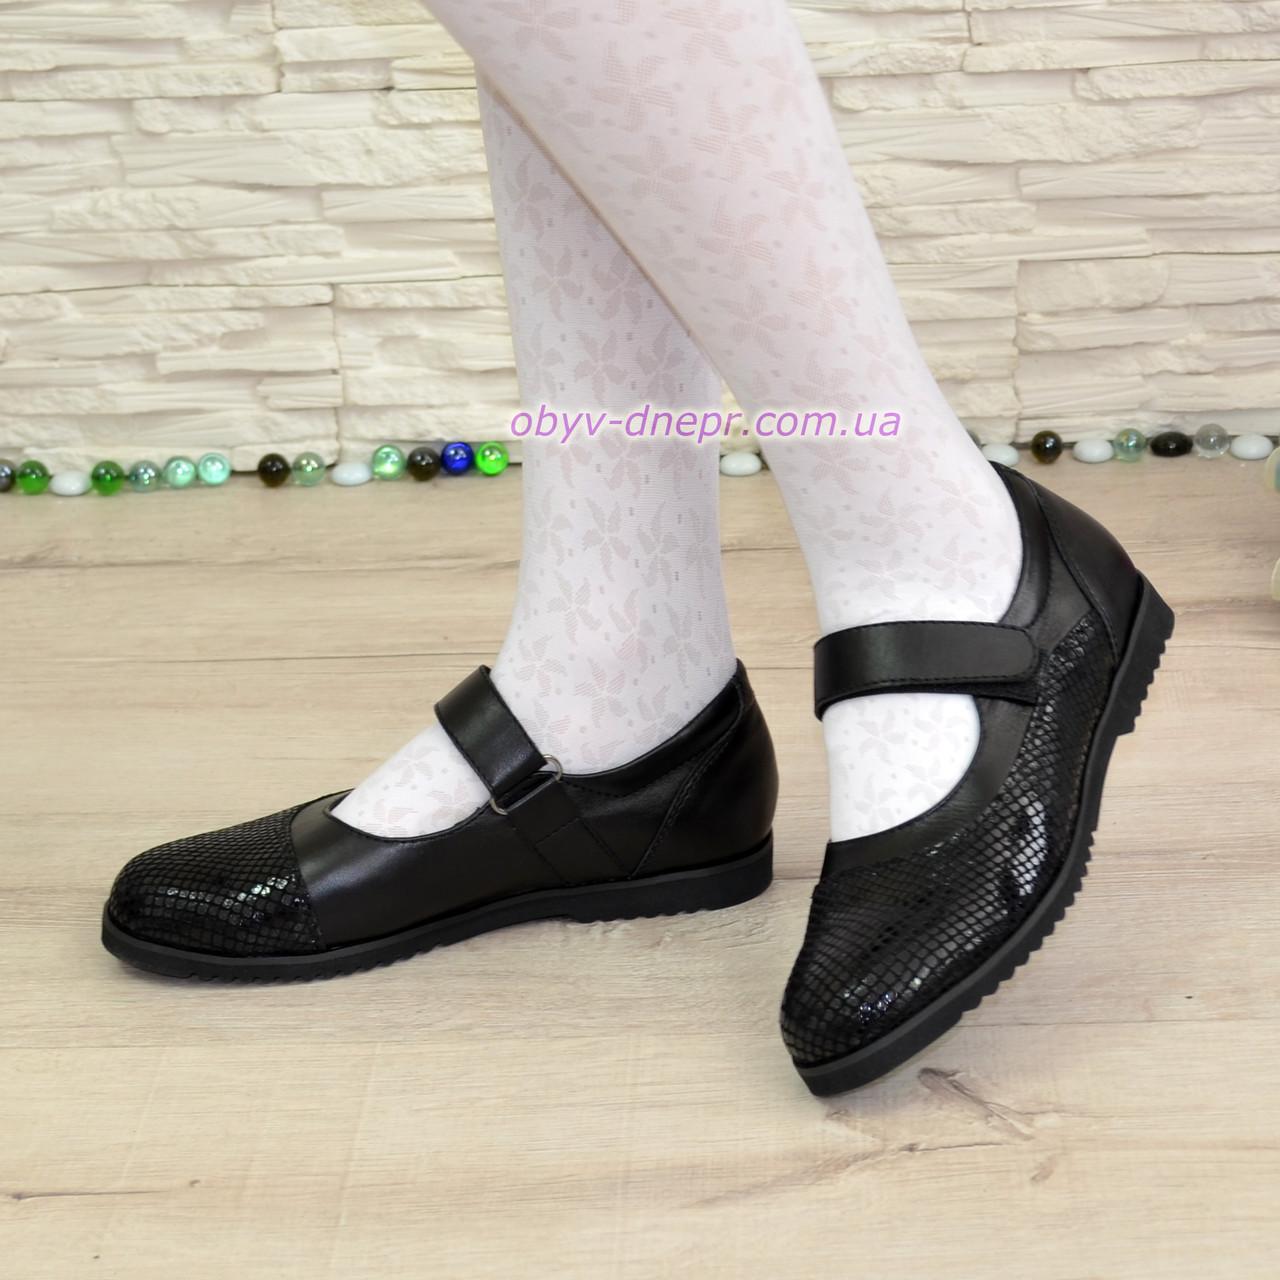 Красивые комбинированные туфли для девочки на липучке